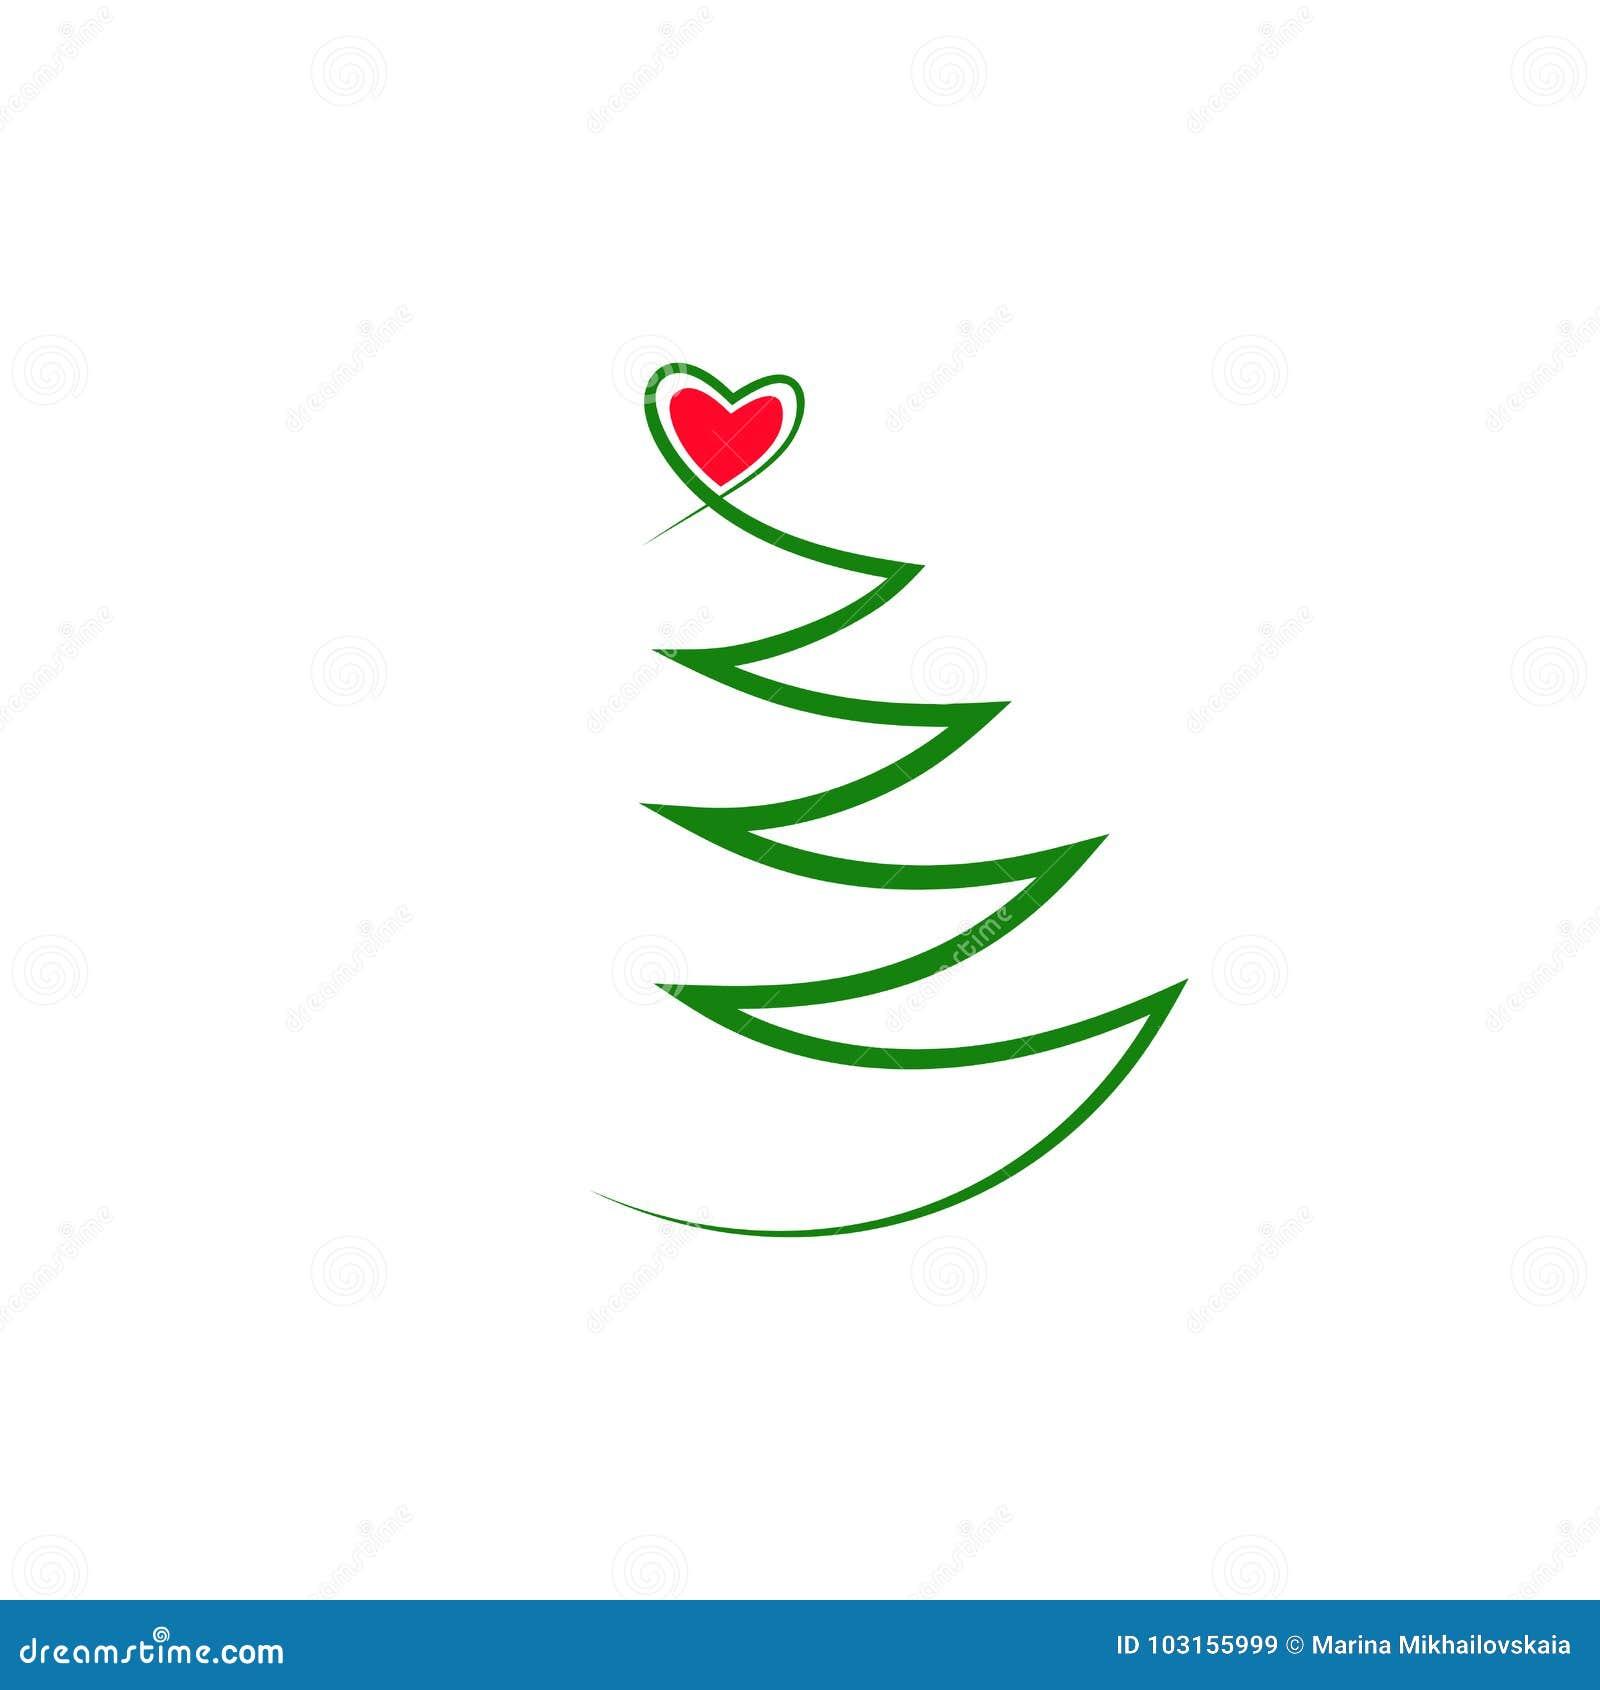 Verde Simple Dibujo Del Contorno De Un árbol De Navidad Con Un